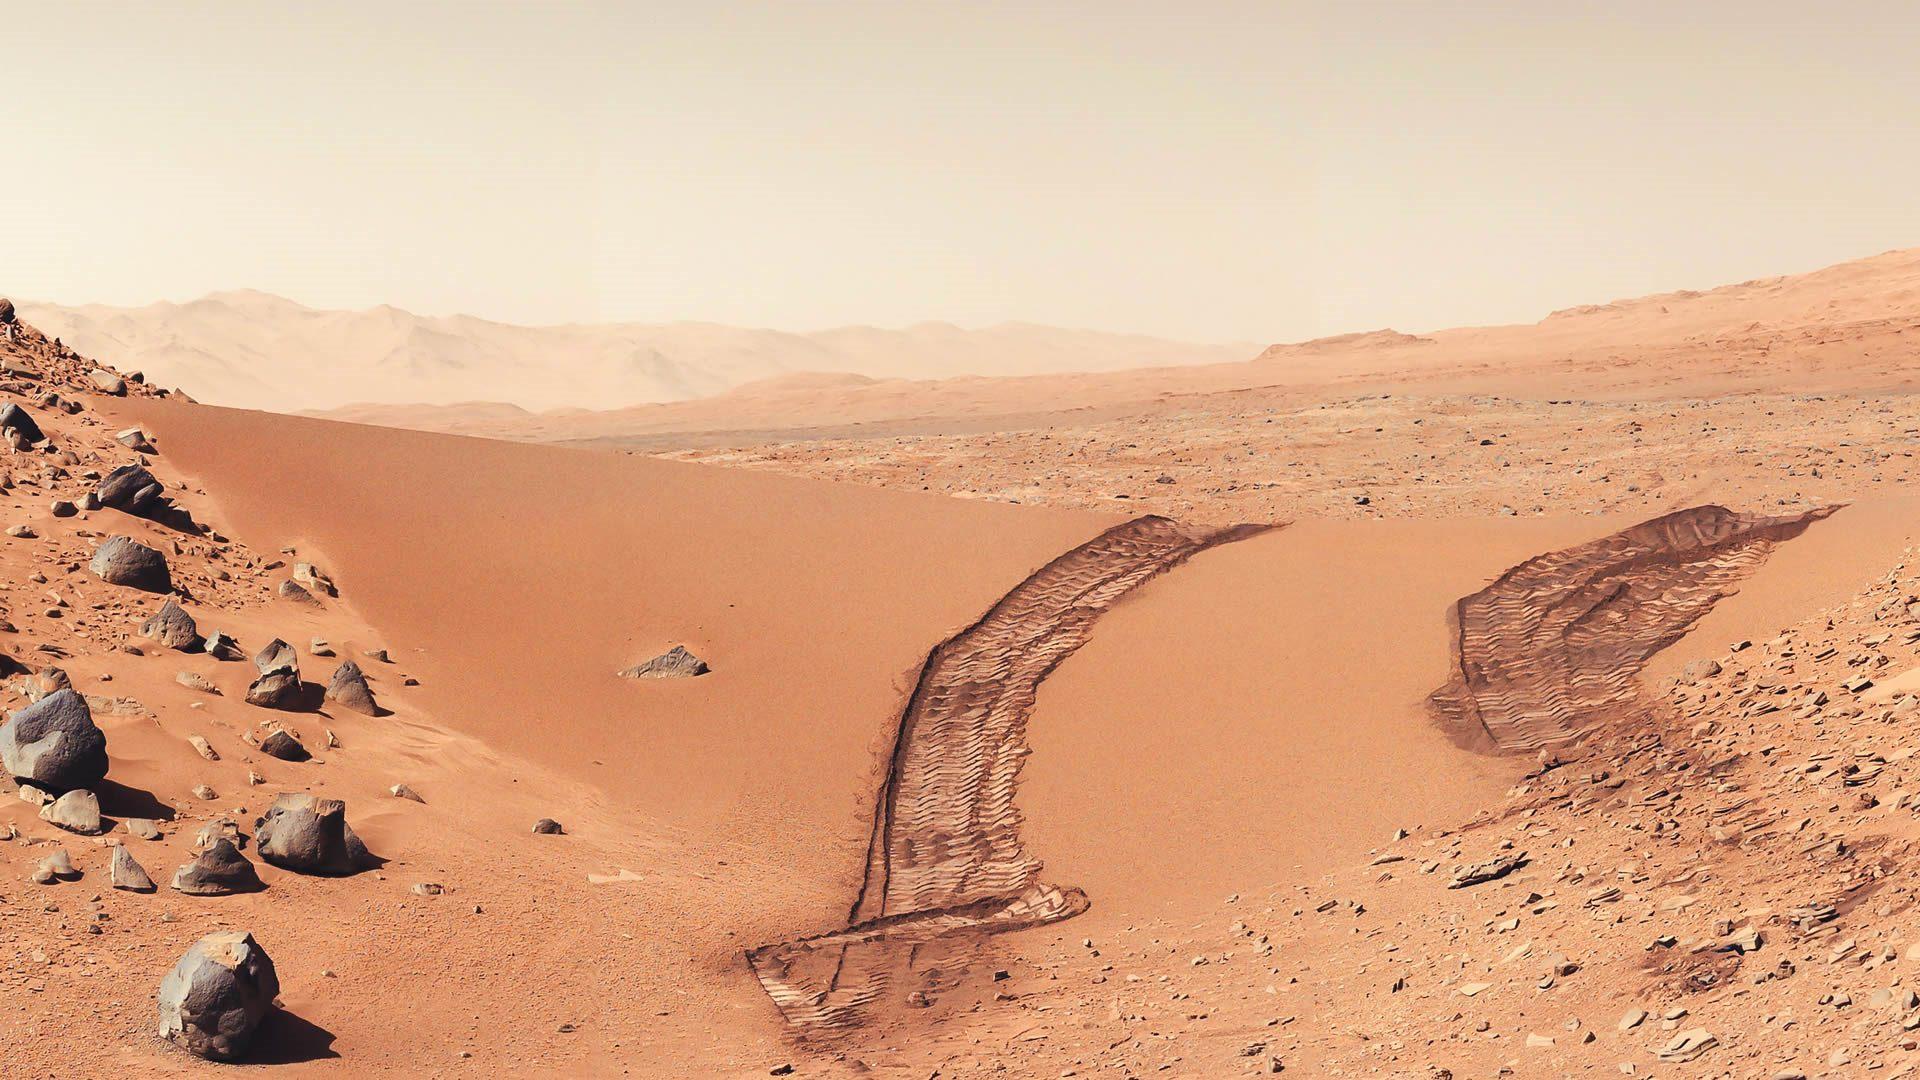 Misteriosa fotografía de Marte ha llevado a los científicos a un callejón sin salida (VÍDEO)